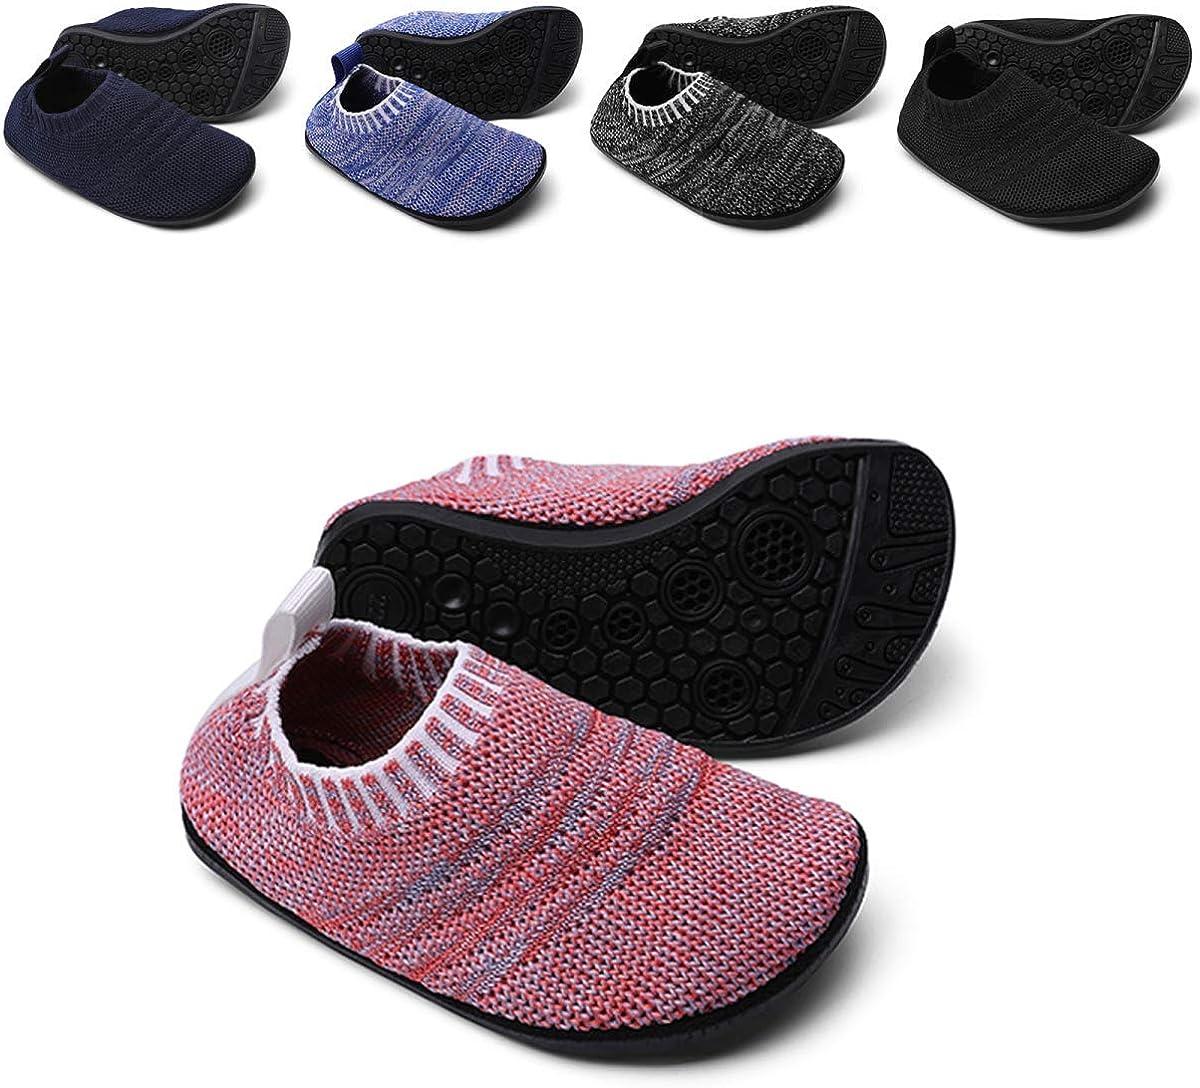 Sosenfer half Toddler Slipper Milwaukee Mall Socks for Girls Sol Boyswith Rubber